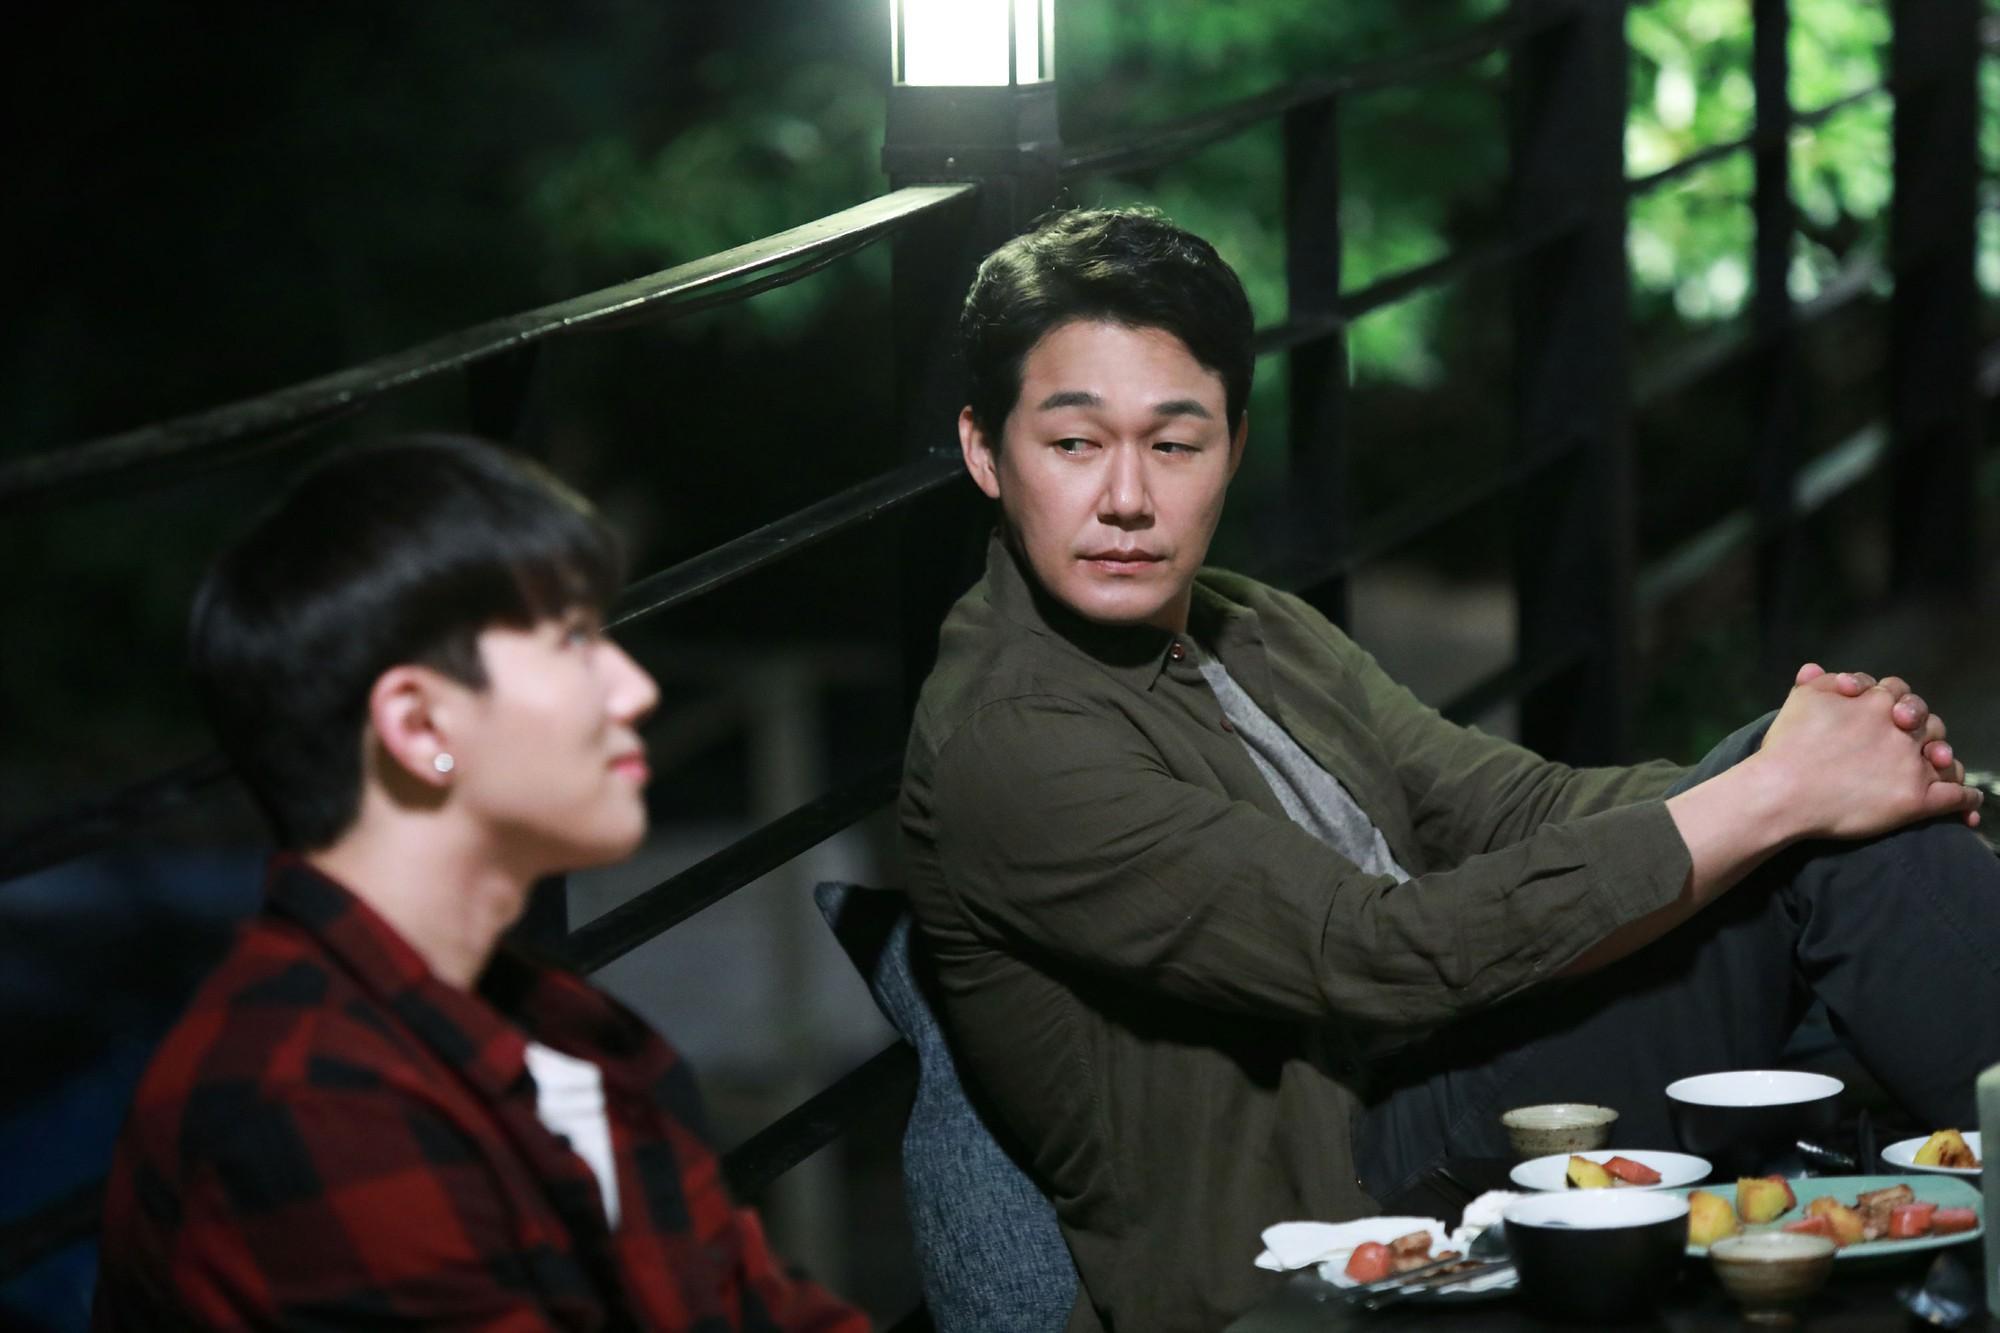 Muốn biết showbiz Hàn đáng sợ ra sao, xem ngay 4 bộ phim đình đám này! - Ảnh 10.